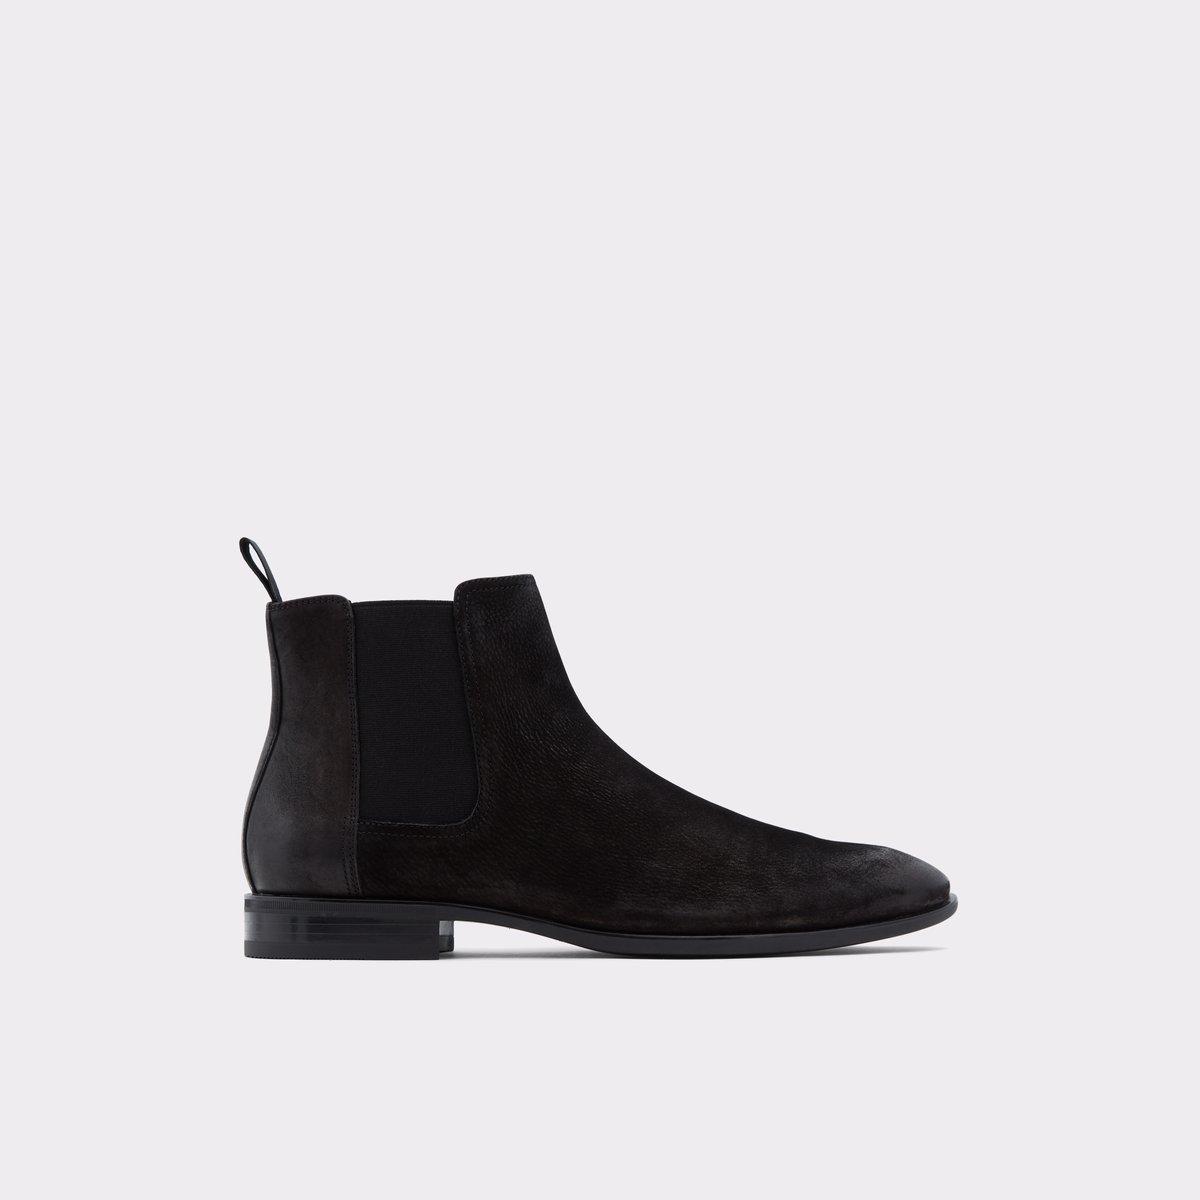 Dallner Black Men's Chelsea Boots